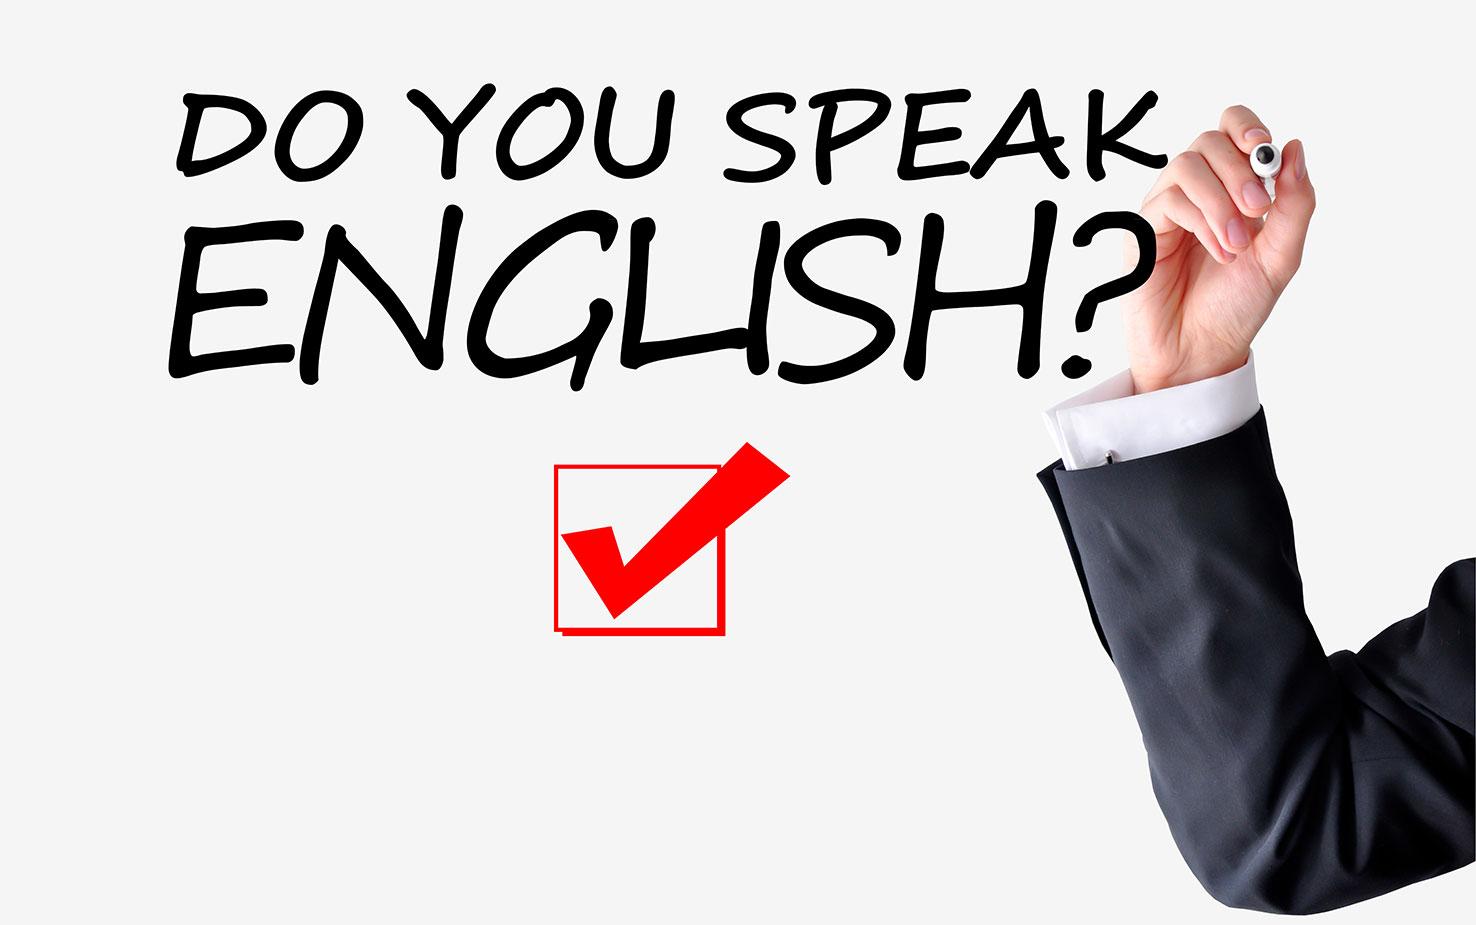 curso de ingles - falar ingles - aprender ingles - ingles fluente - aula ingles